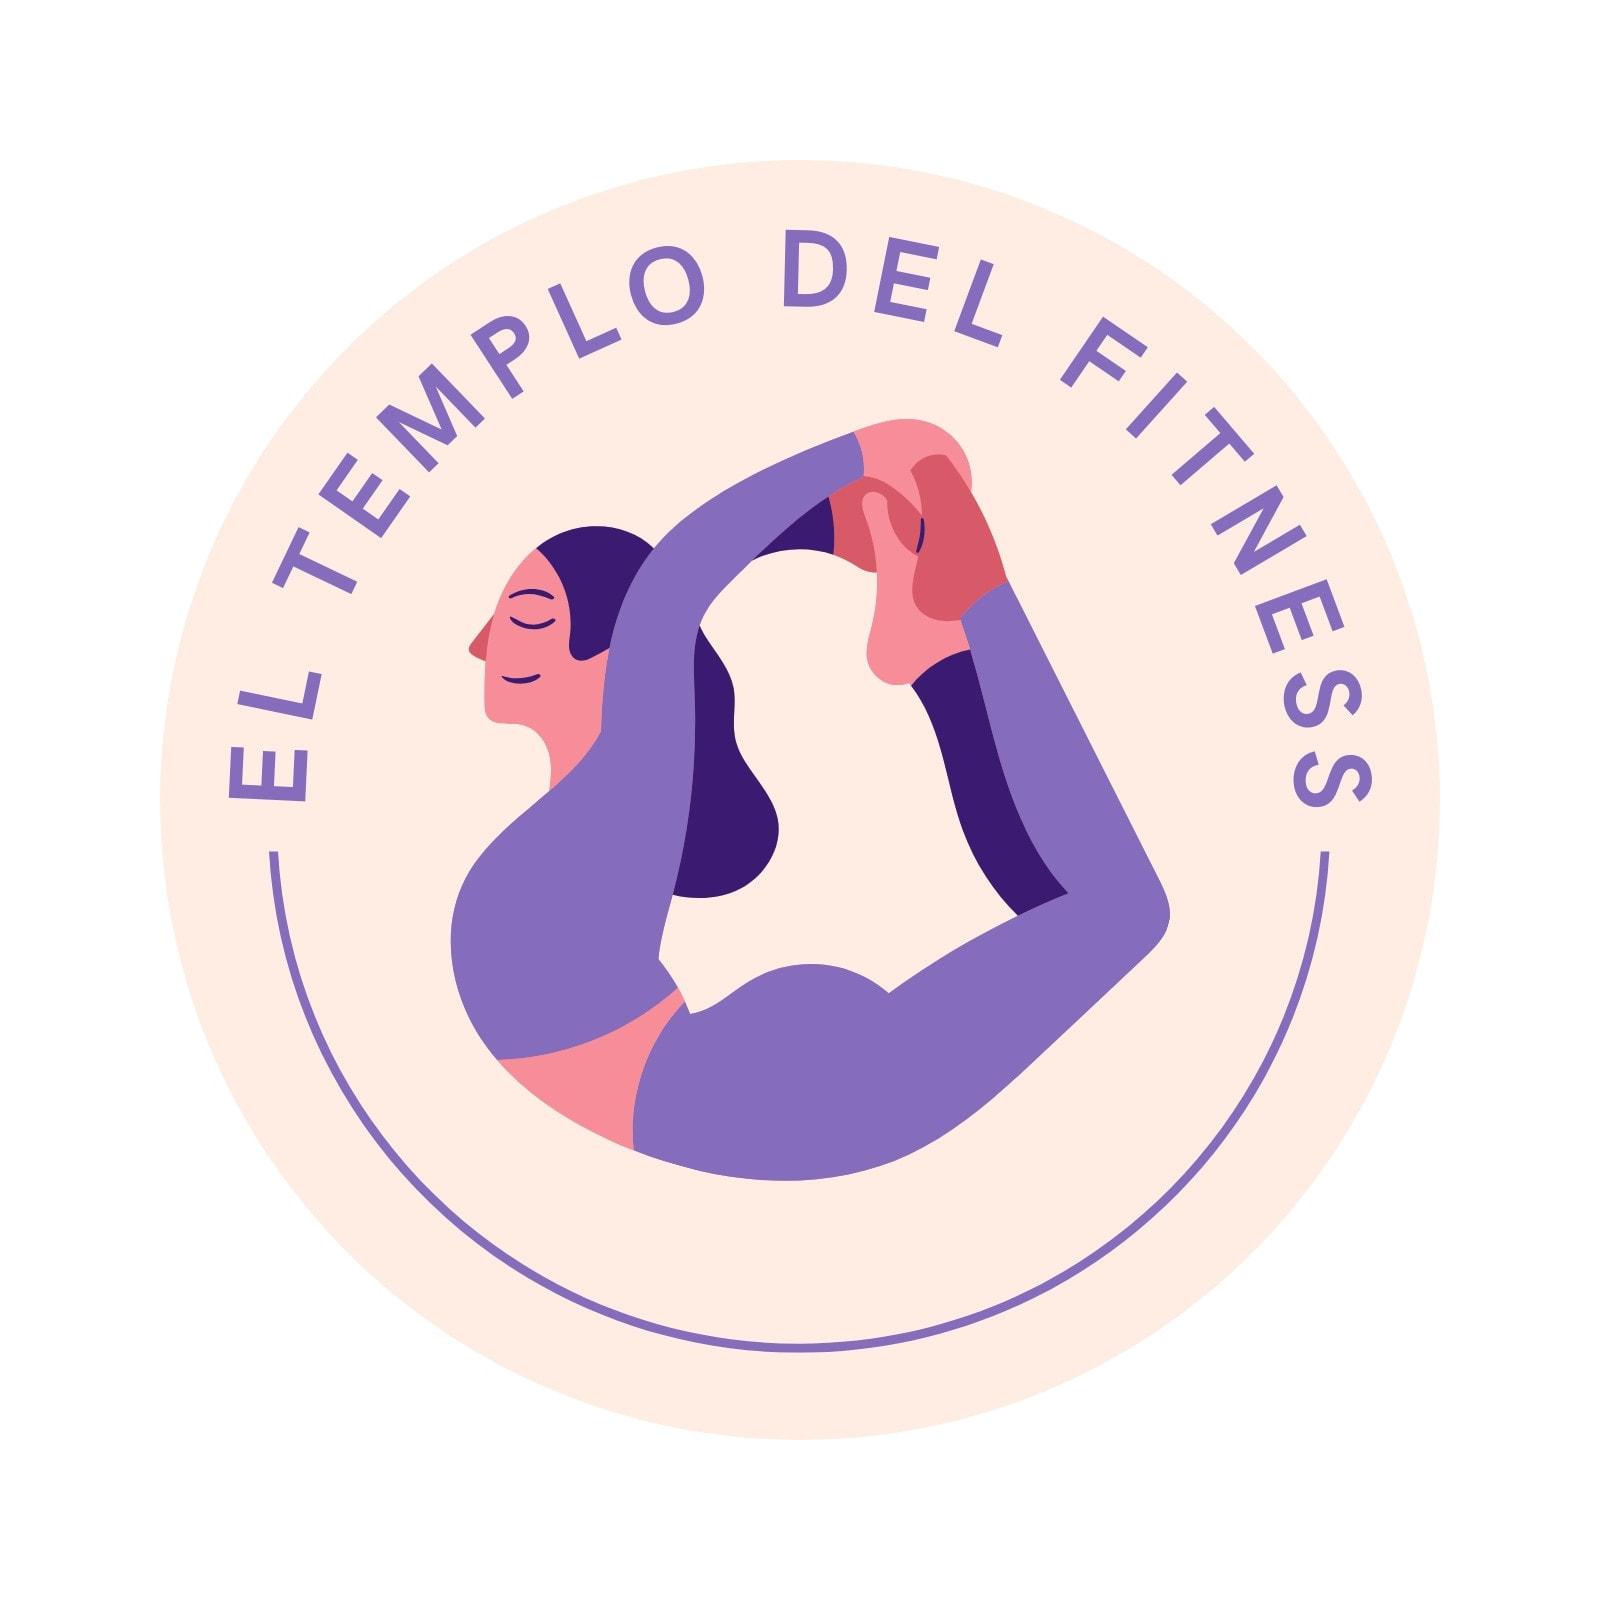 Logo ilustrado de centro de fitness, mujer ilustrada con ropa lila haciendo yoga en círculo beige sobre fondo blanco